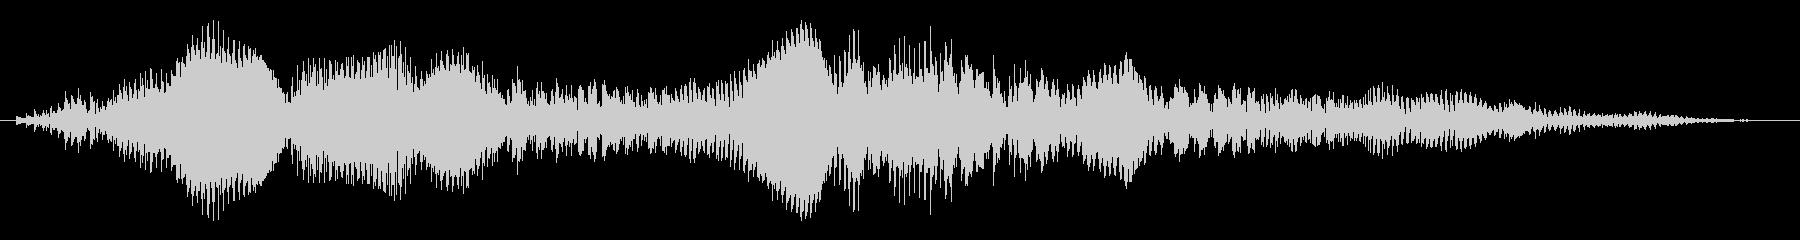 ベイビー:ハッピーノイズとクース。の未再生の波形